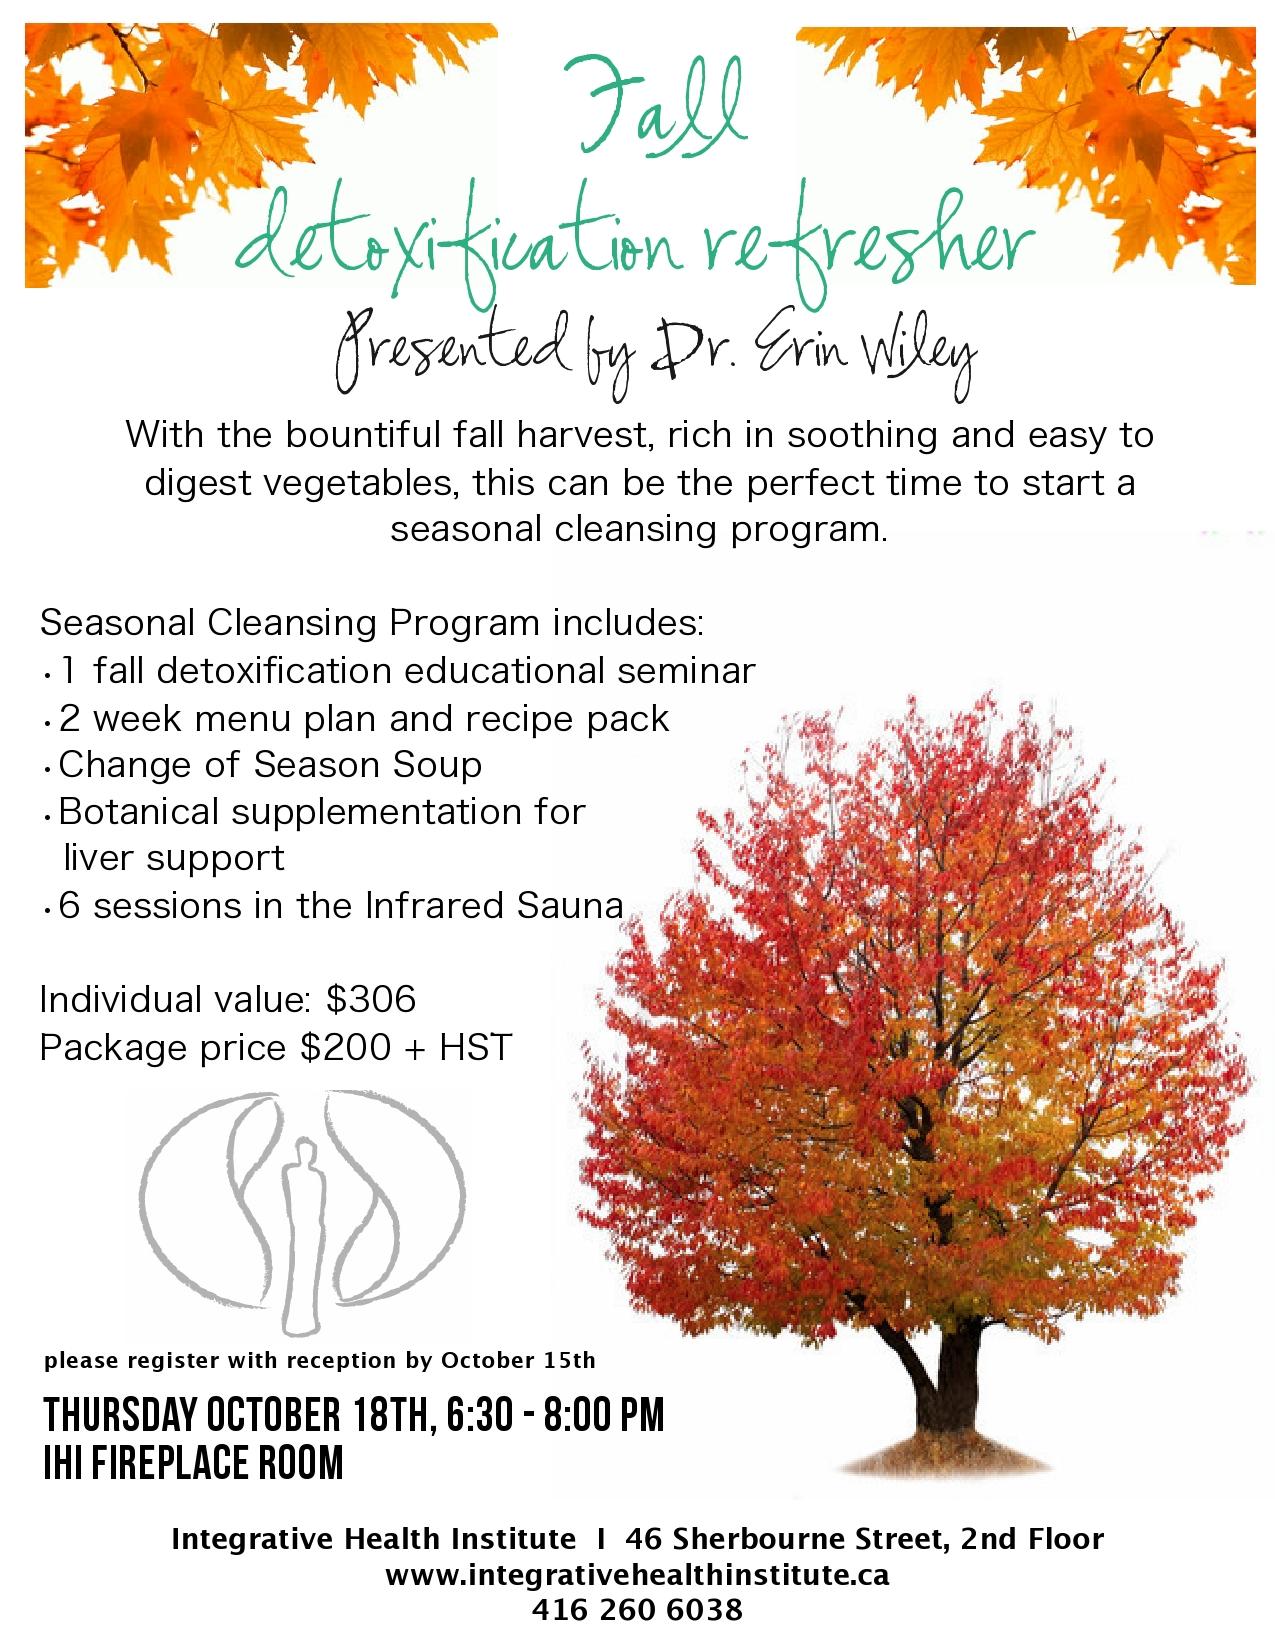 Fall Detoxification Refresher